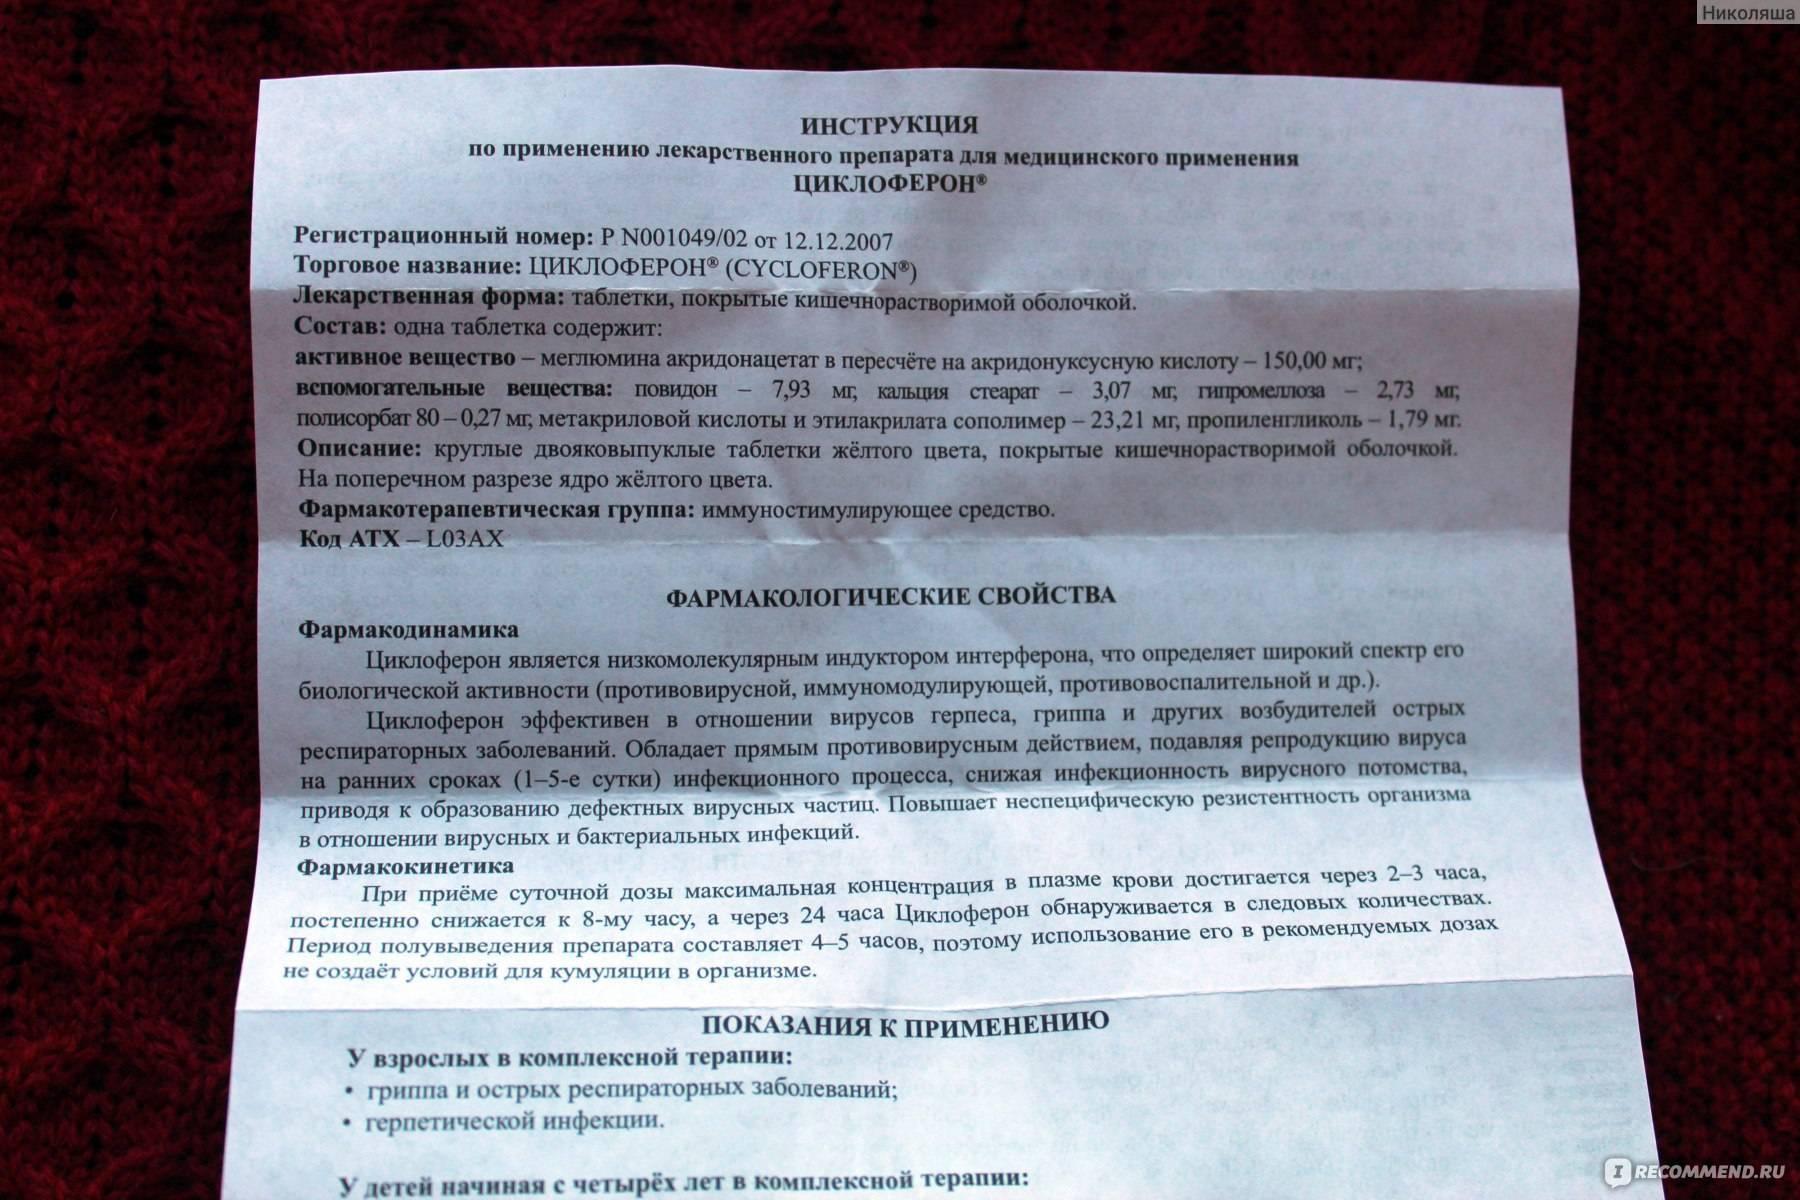 Циклоферон для кошек инструкция   медицинский справочник